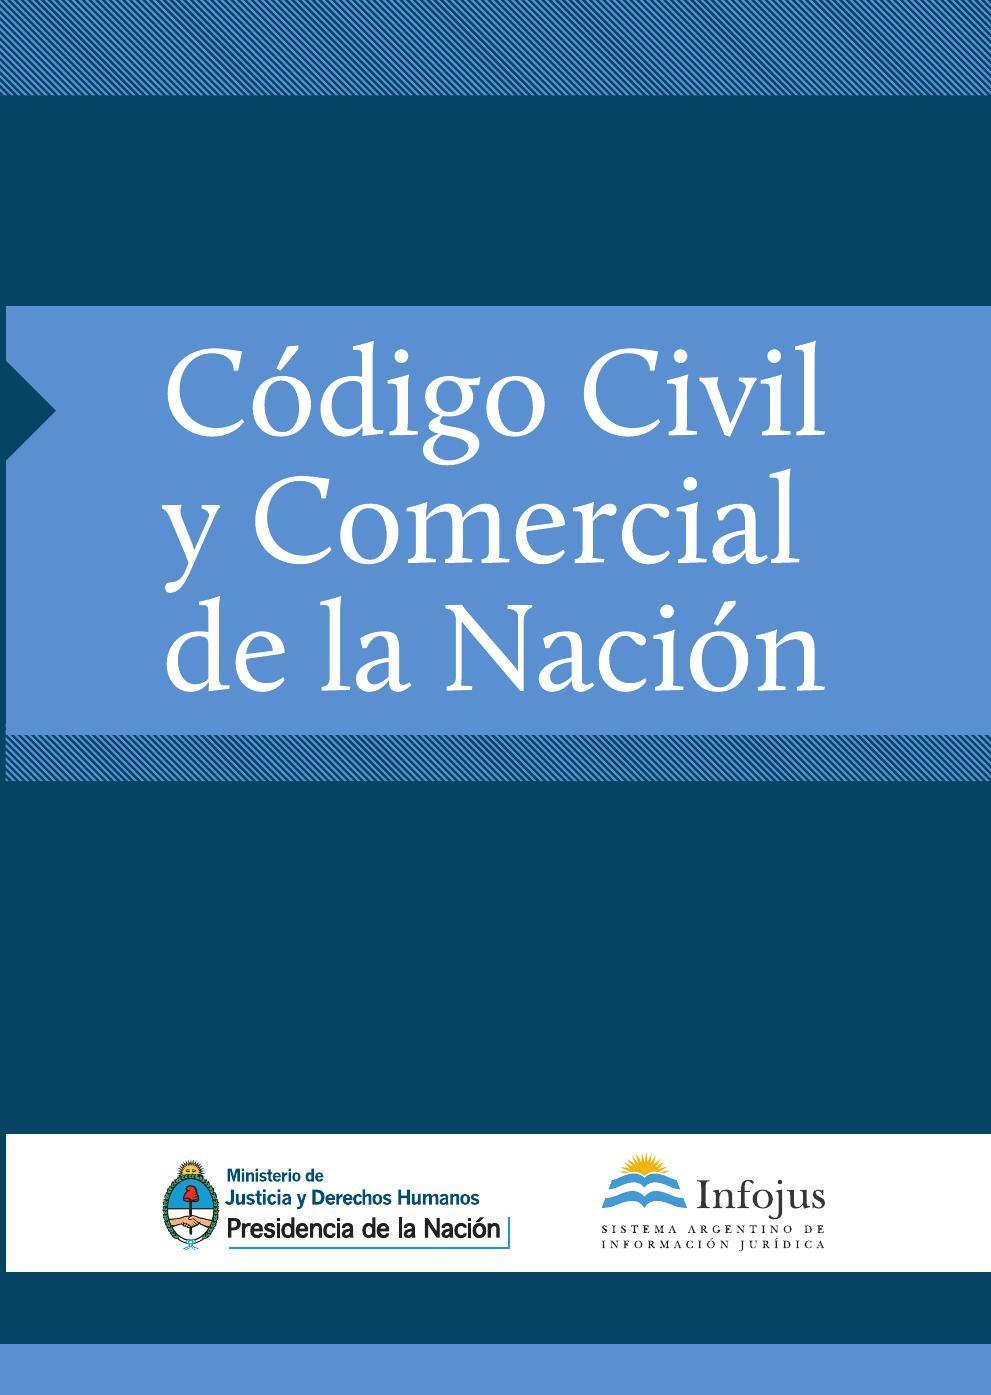 Gobierno de Argentina - C�digo Civil